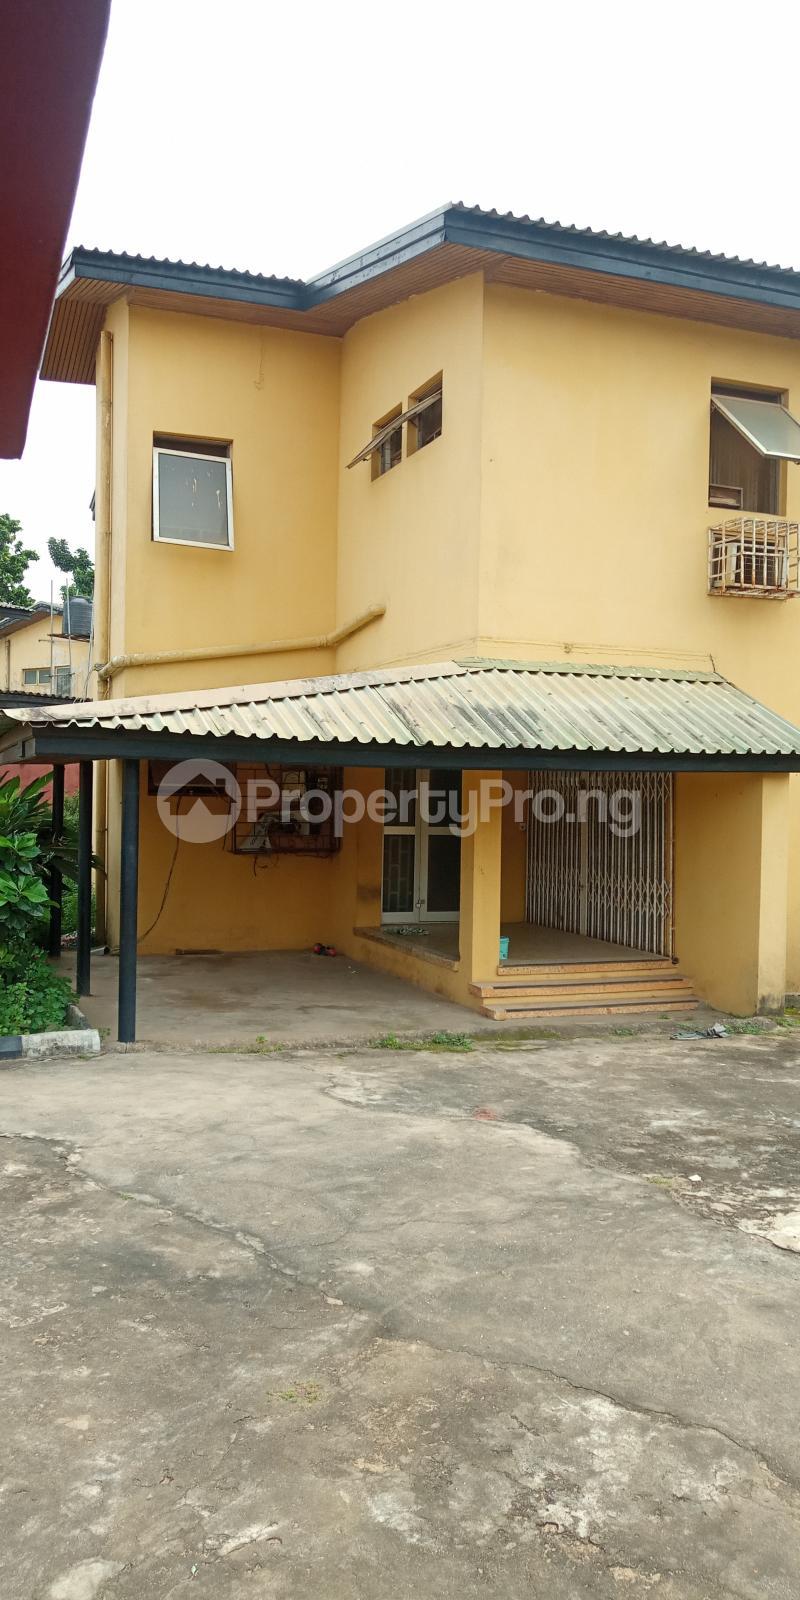 3 bedroom Detached Duplex for sale Agbara Estate Agbara Agbara-Igbesa Ogun - 0